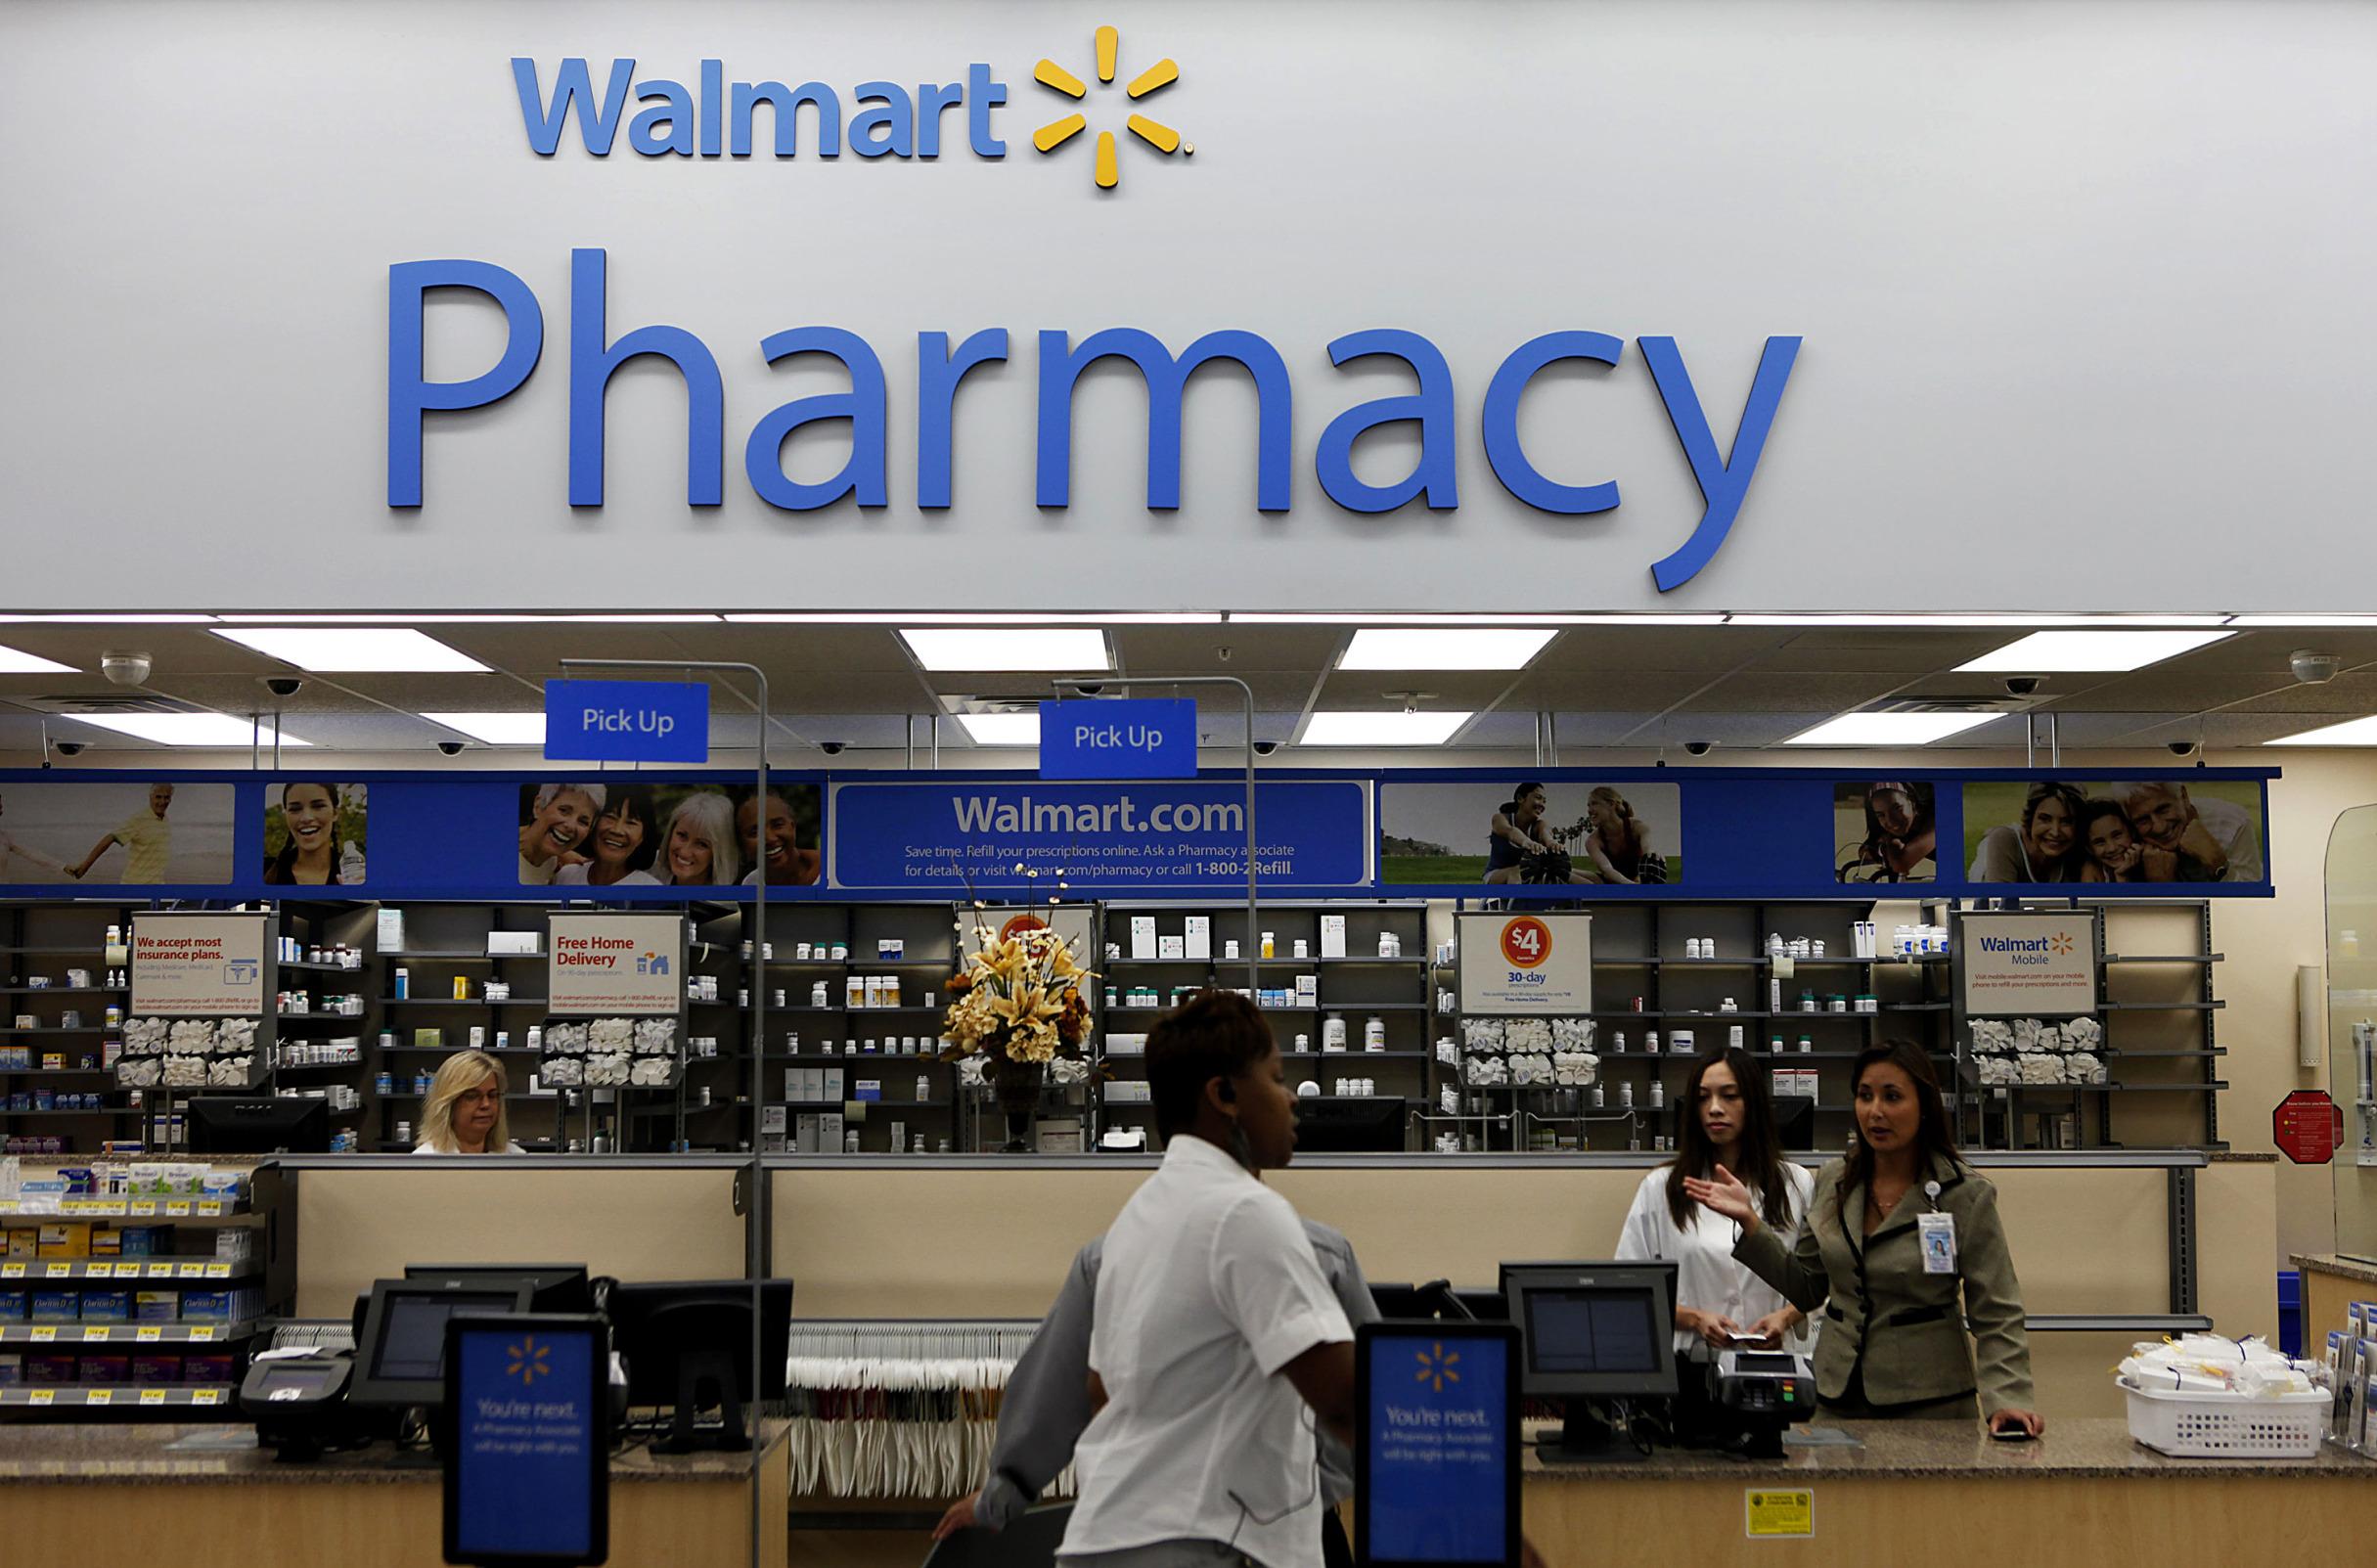 https://assets.sourcemedia.com/62/92/234d9caa4d41a576e5cdaa998ac2/walmart.Pharmacy.Bloomberg.jpg